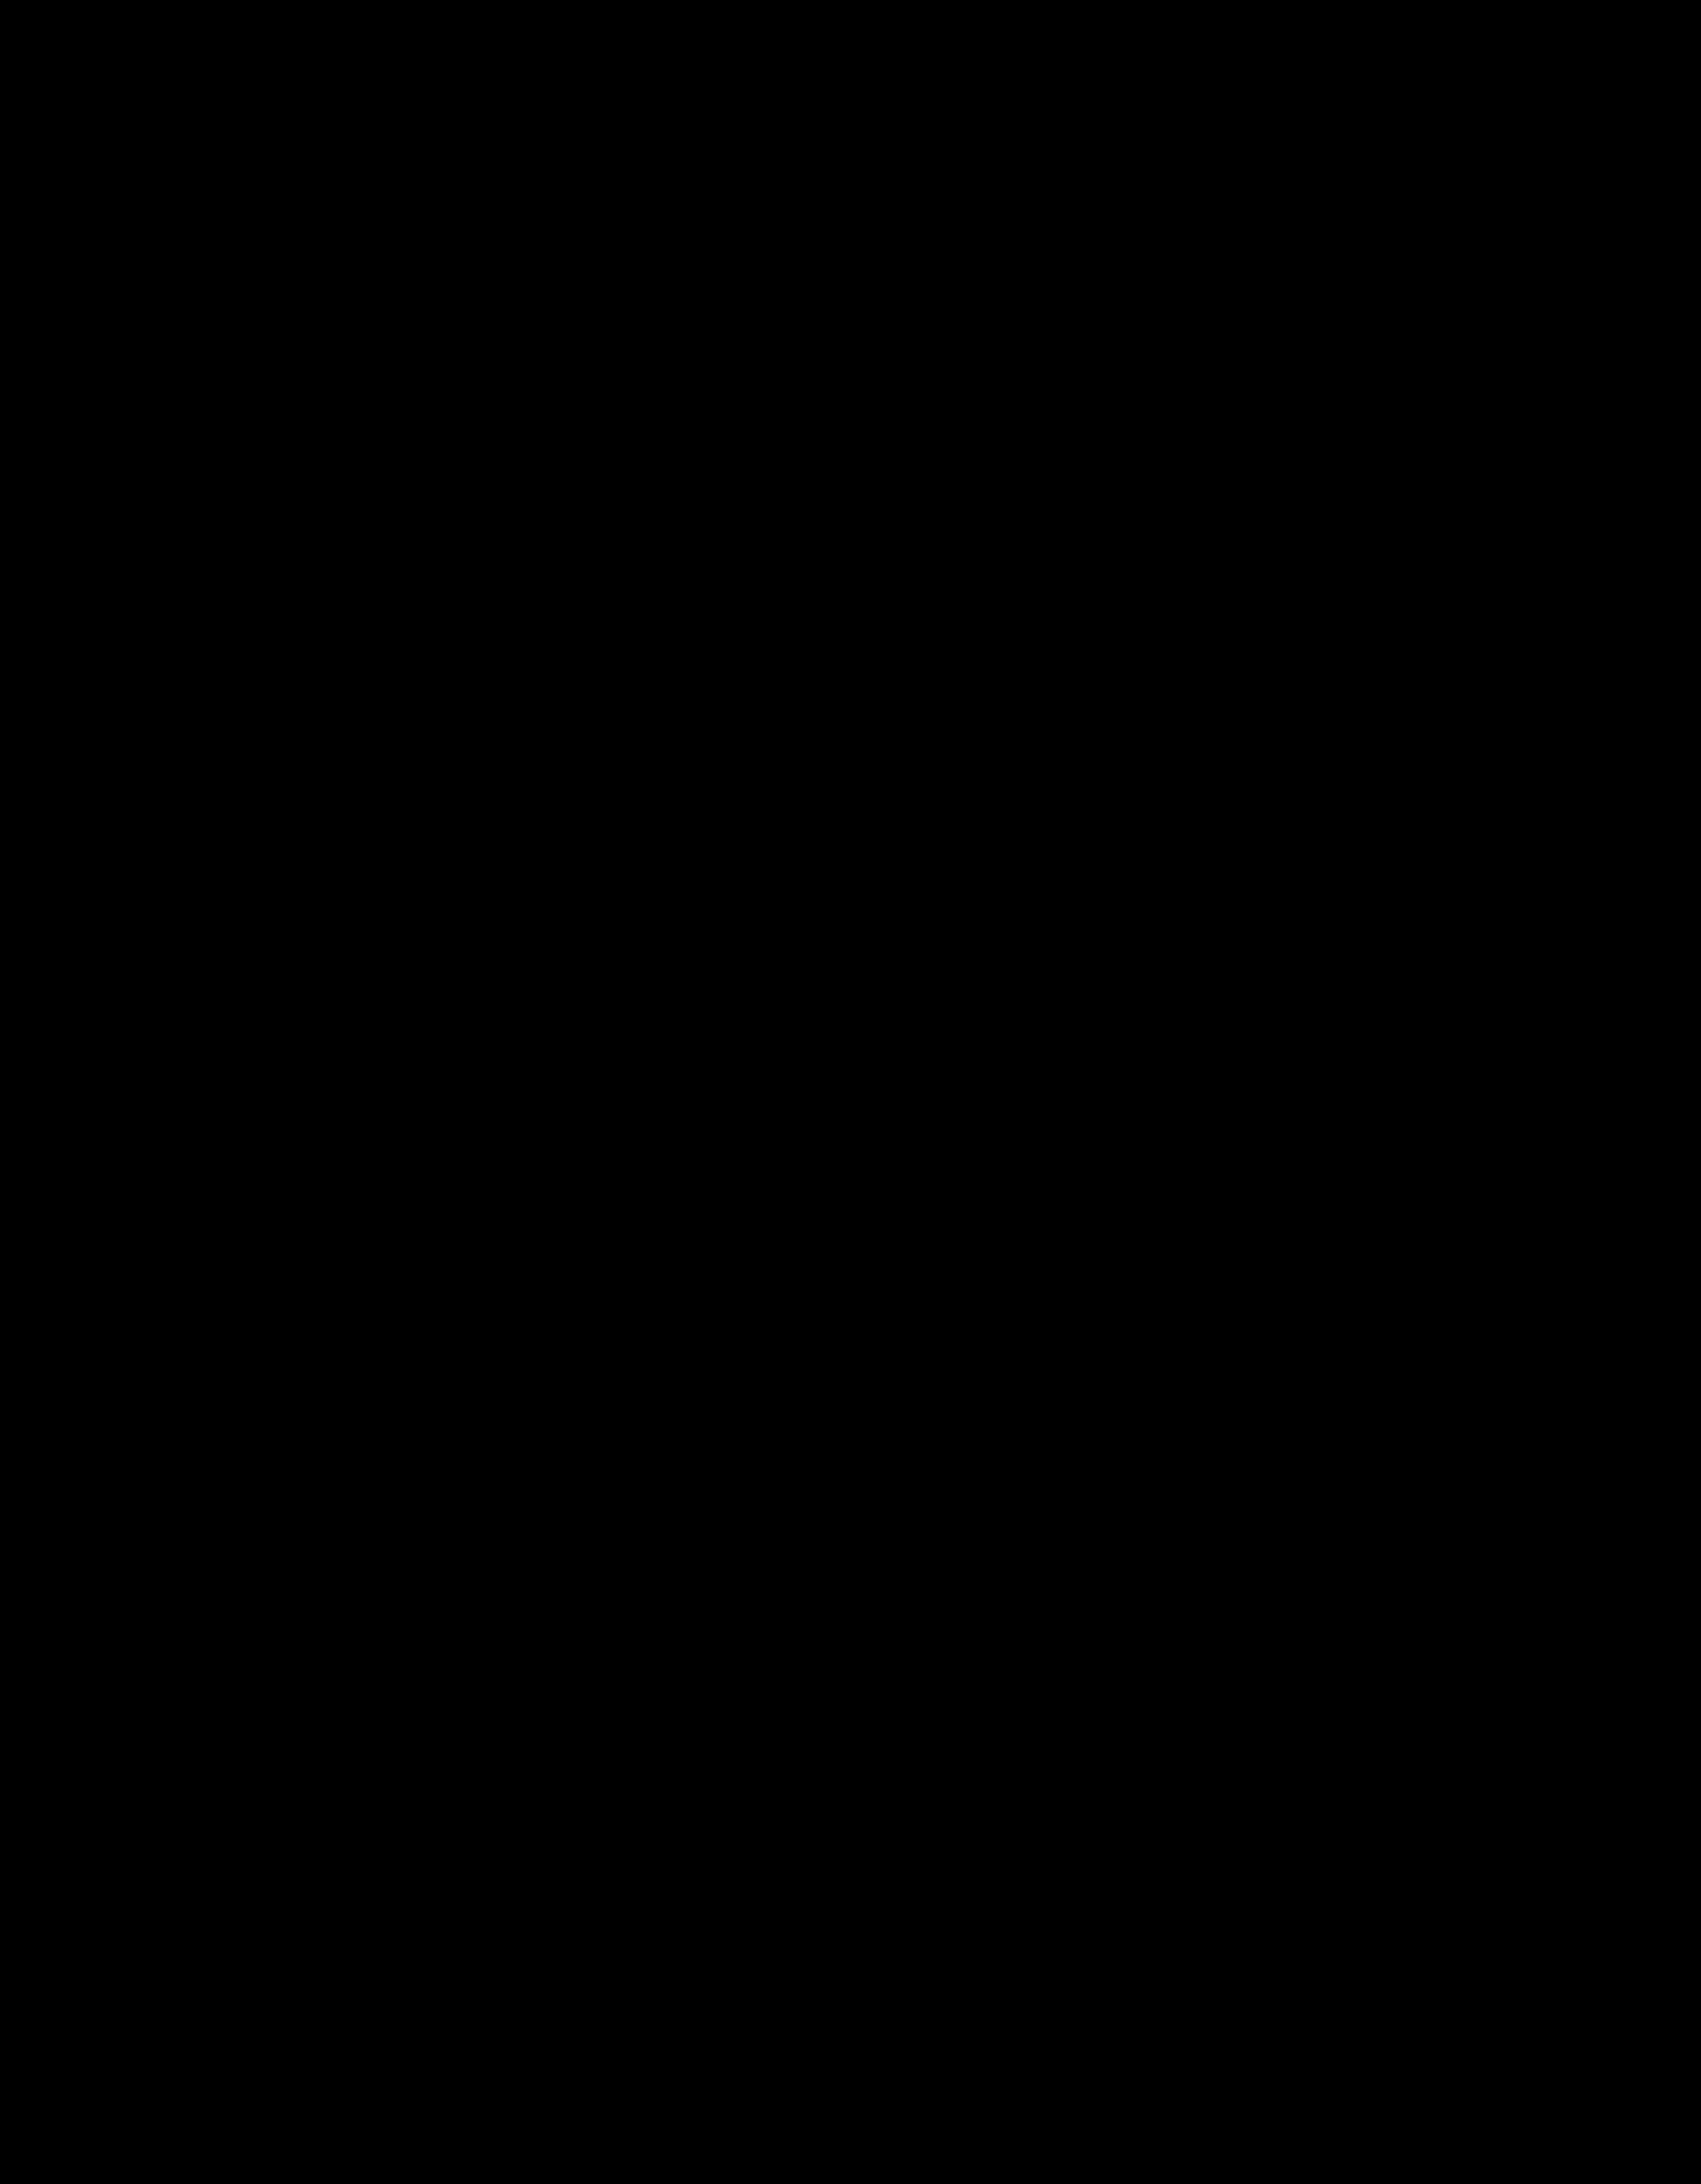 Page of clipartblack com. Clipart elephant outline